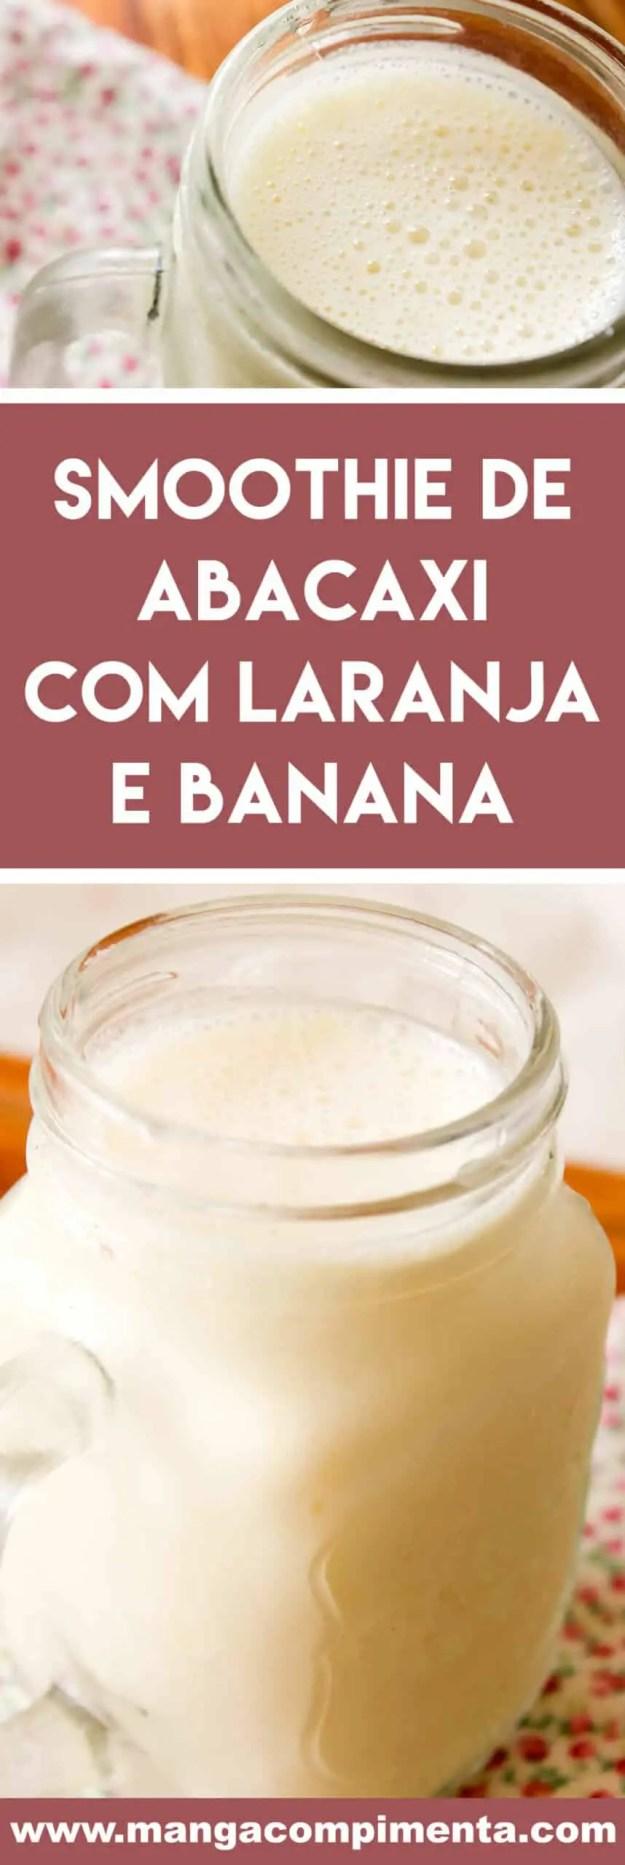 Receita de Smoothie de Abacaxi com Laranja e Banana - uma receita refrescante para os dias quentes de verão!